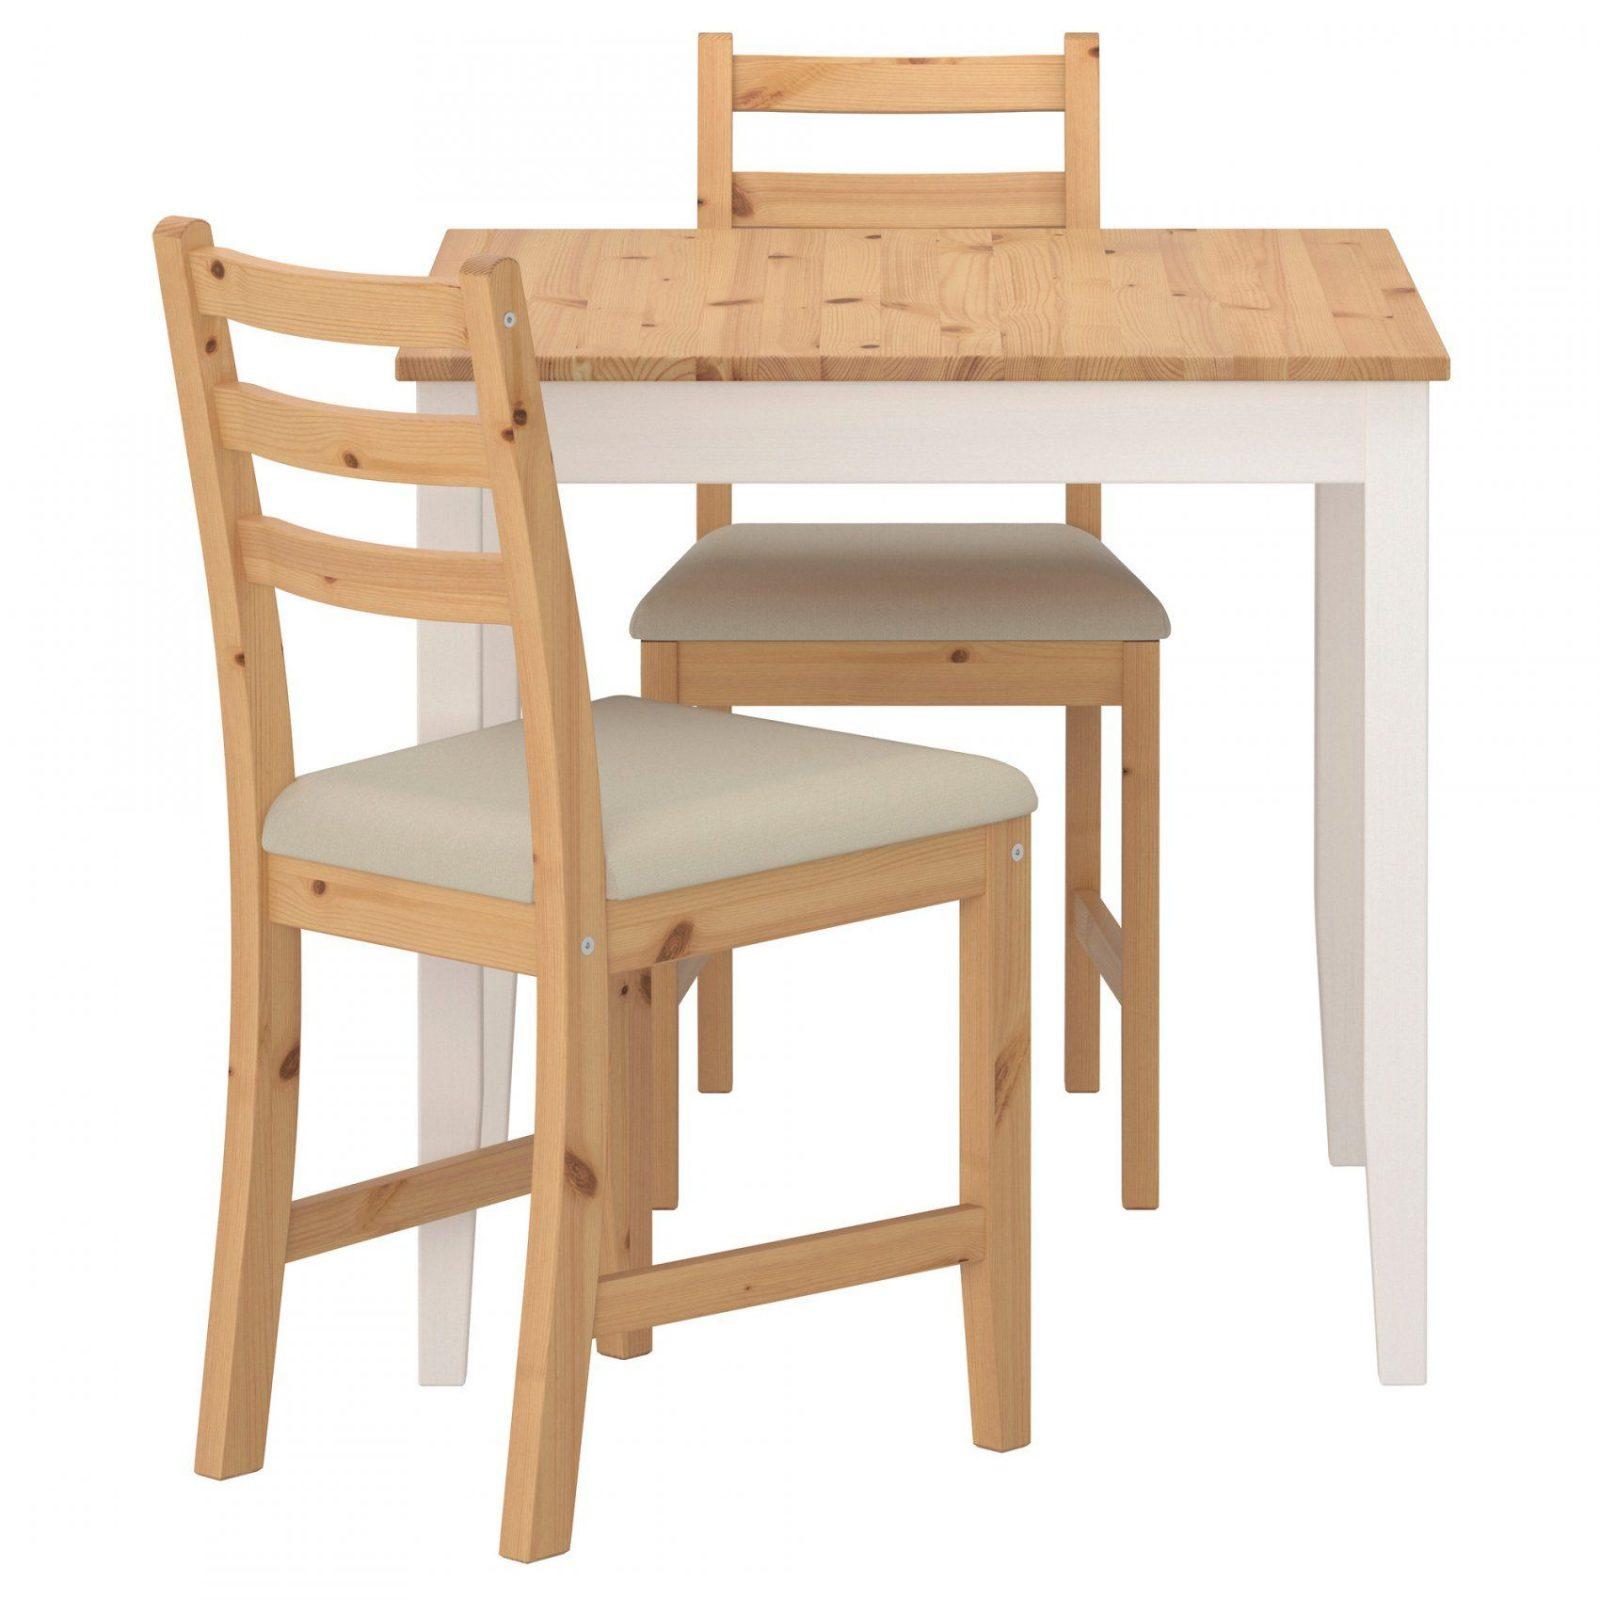 Couchtisch Ansprechend Kleiner Esstisch Mit 2 Stühlen Eindruck Hi von Bistrotisch Mit 2 Stühlen Bild